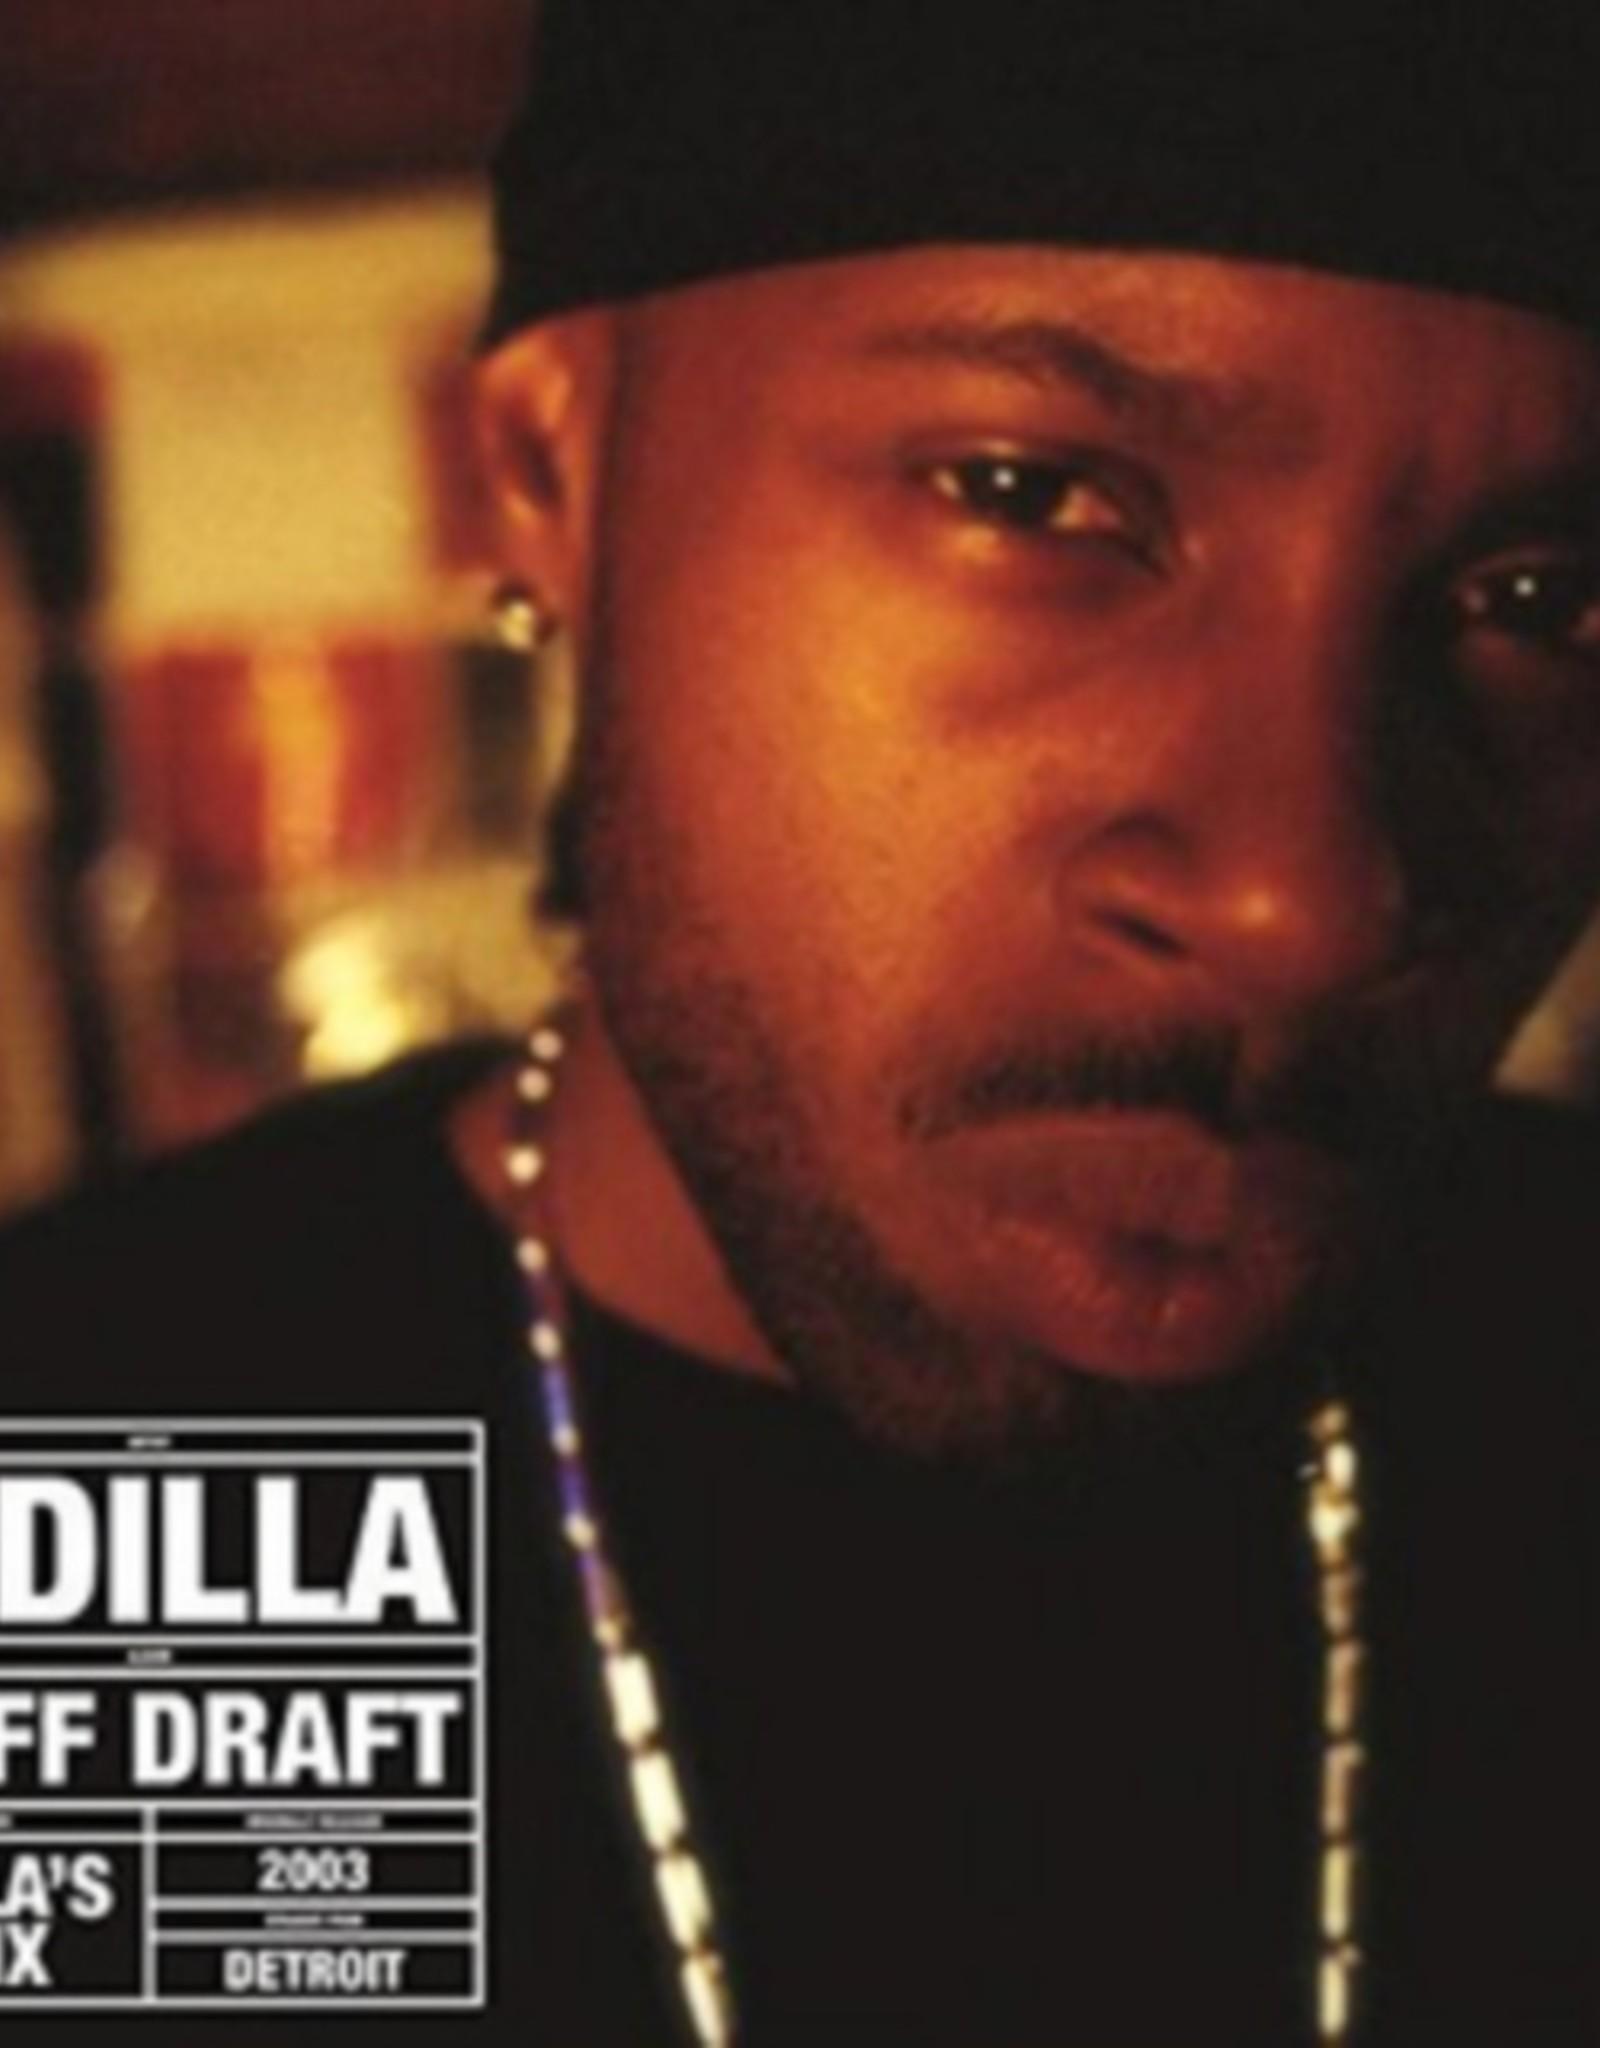 J Dilla - Ruff Draft: Dilla's Mix - The Instrumentals